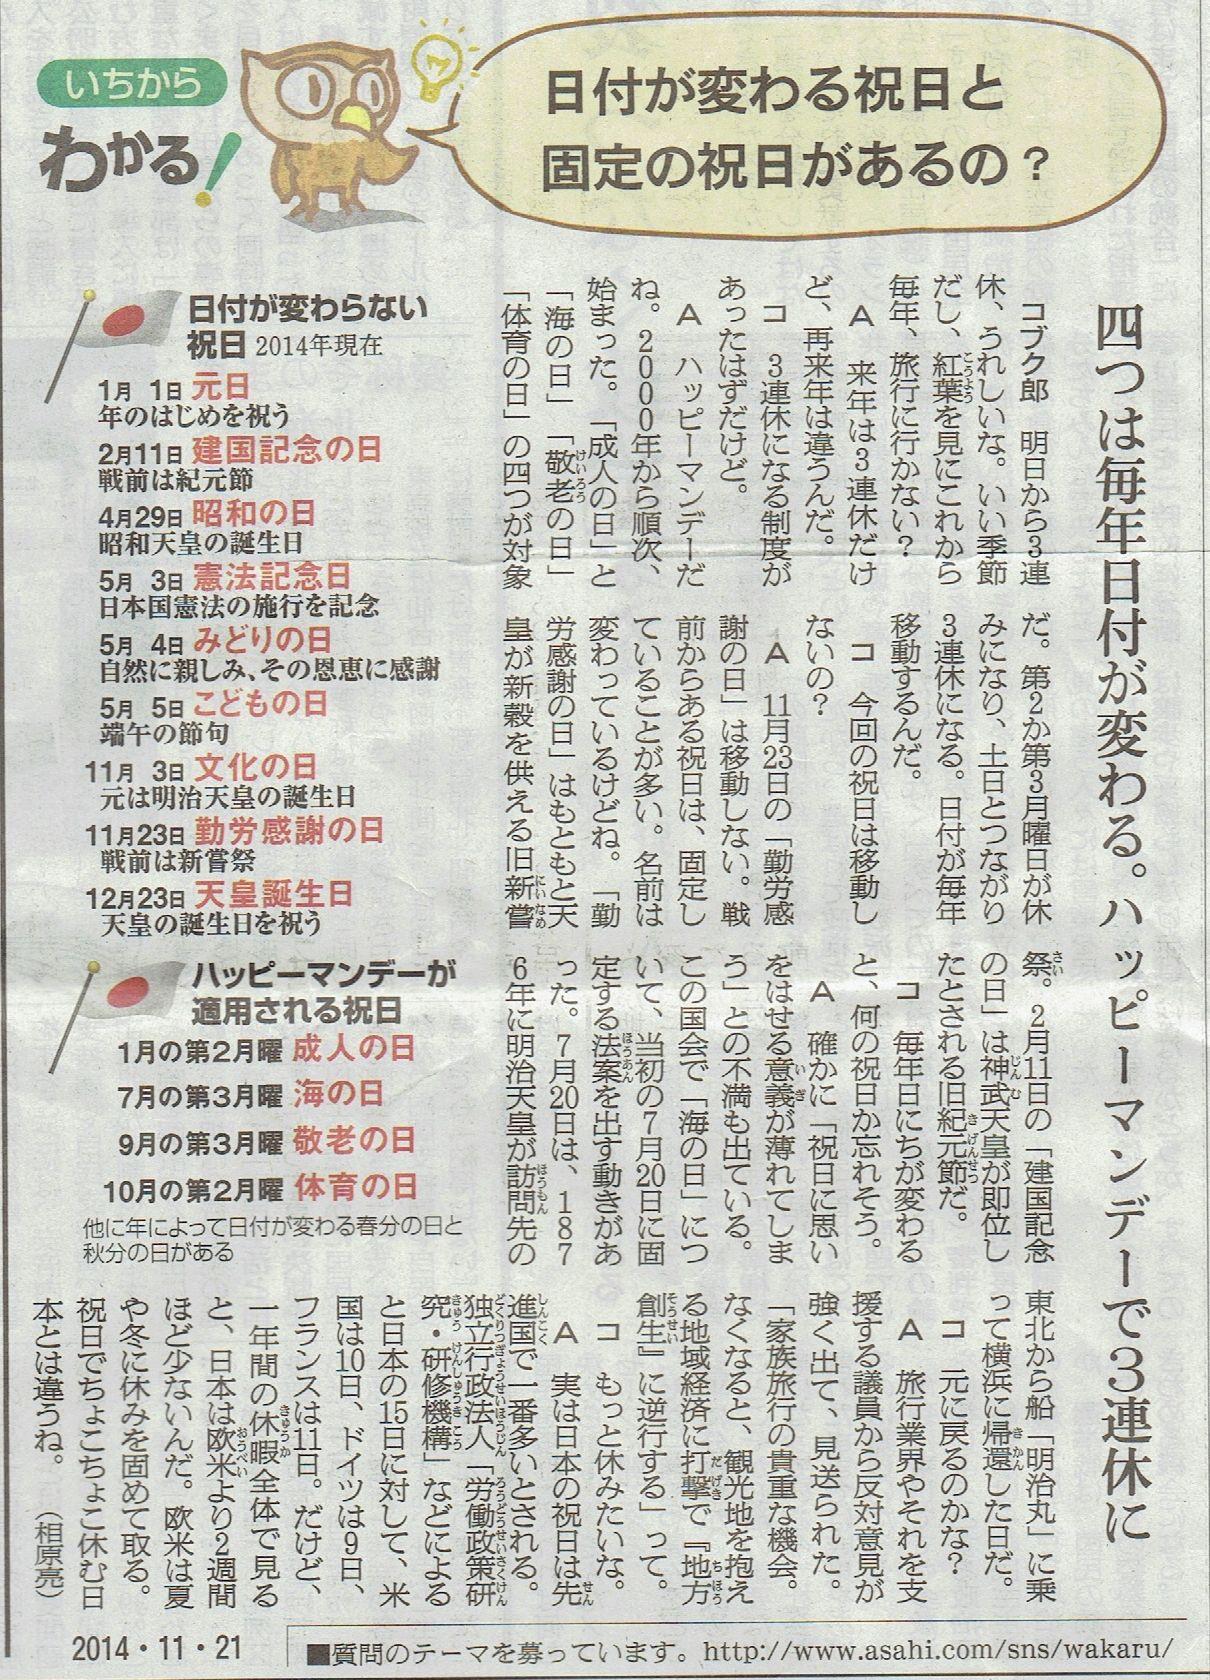 2014年11月21日 沖縄県立工業高等学校関東地区同窓会ウォーキング その5_d0249595_7354567.jpg